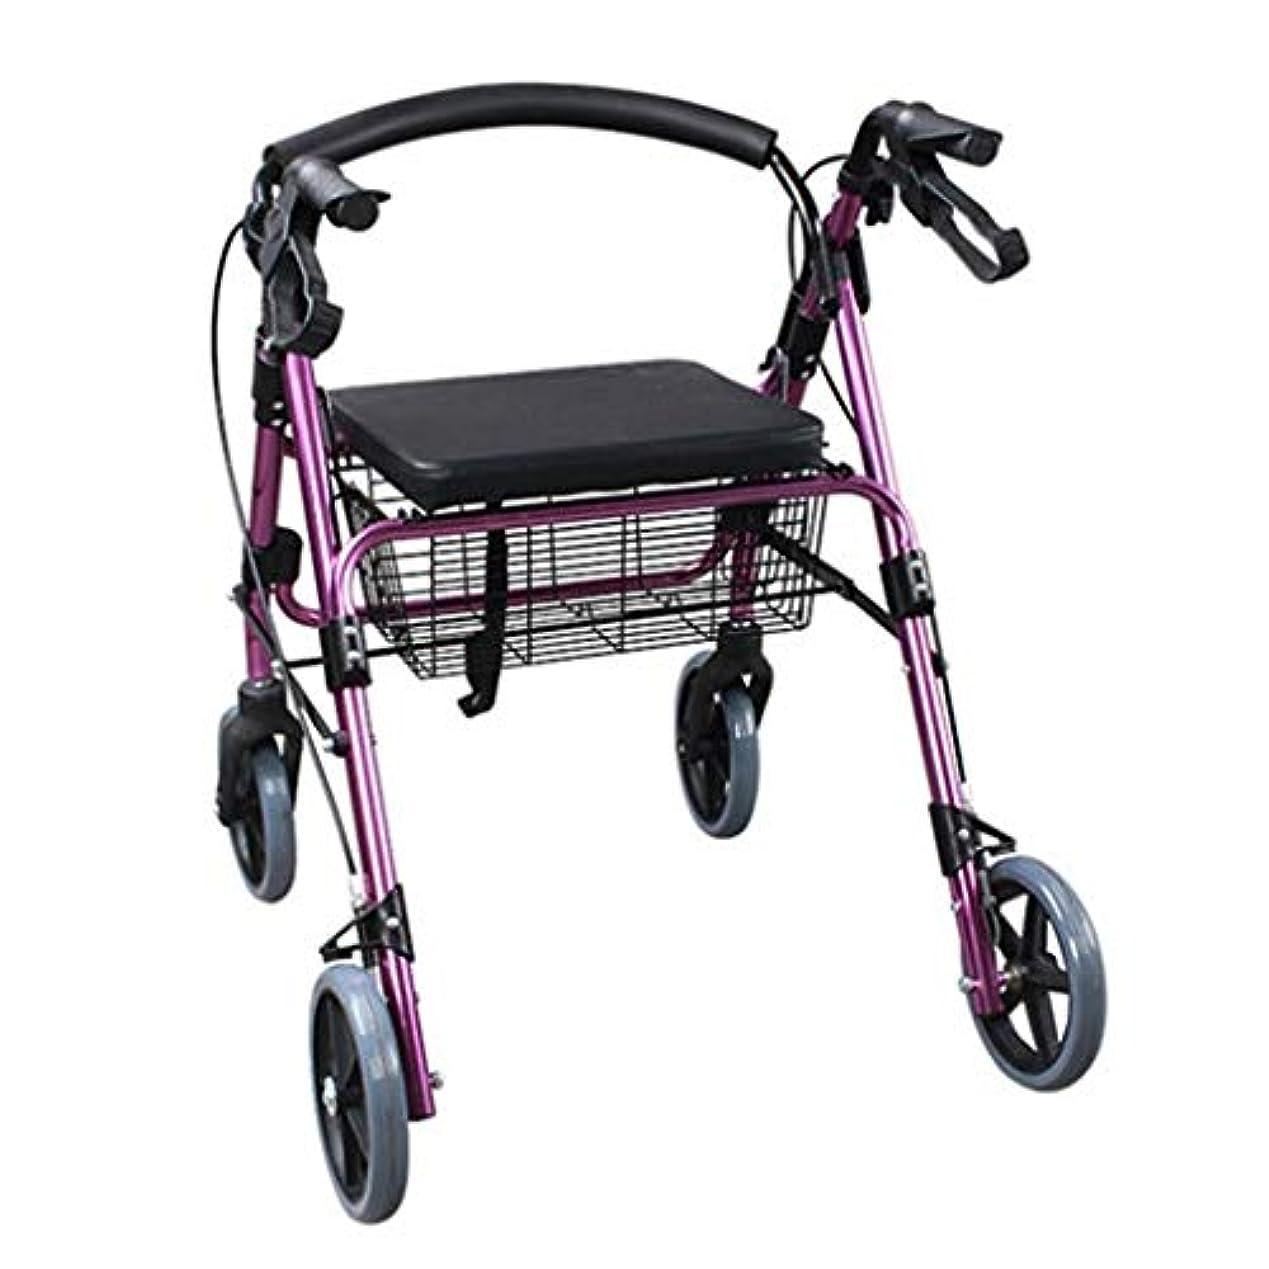 めんどり何検査官折り畳み式の携帯用歩行器の補助歩行者の4つの車輪のショッピングカートのハンドブレーキが付いている頑丈な歩行者